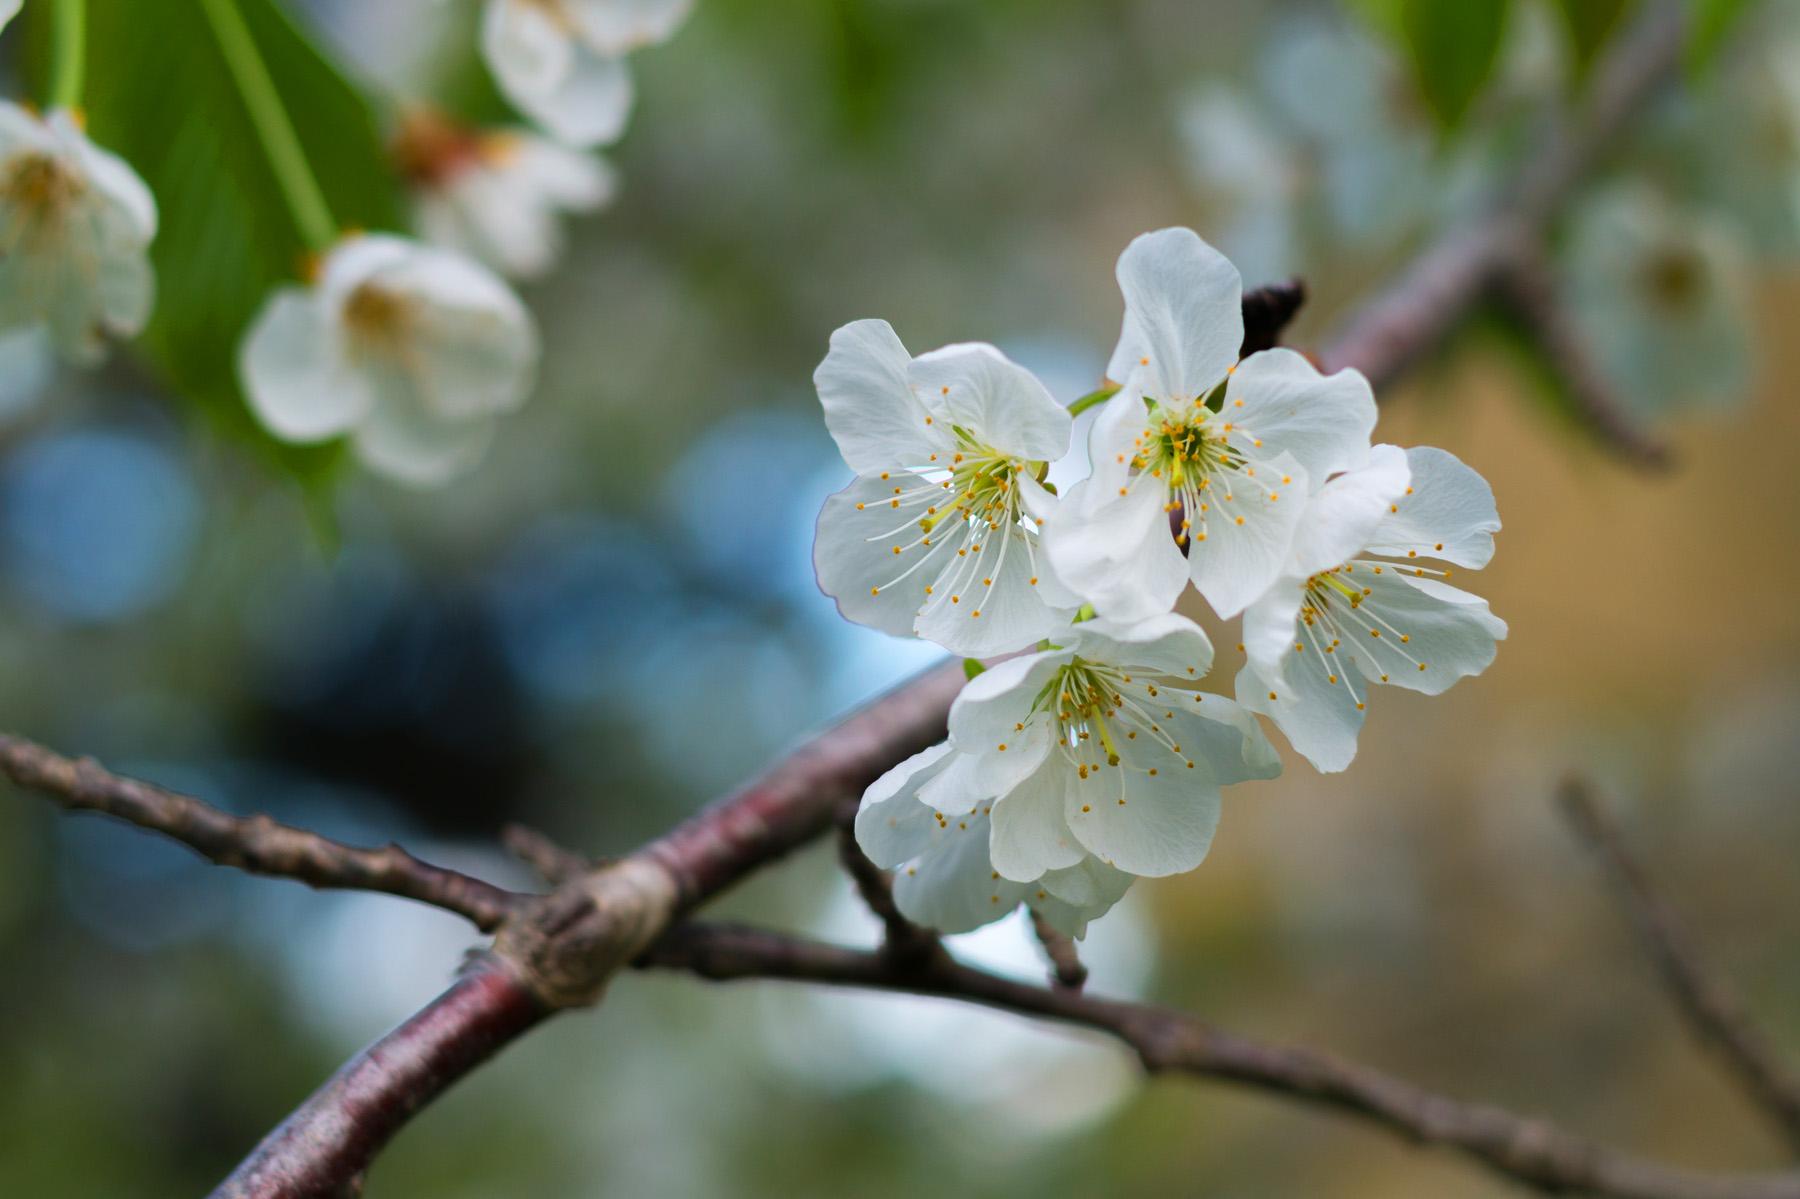 Hema_pose_ses_valises_sakura_fleurs_cerisier_13